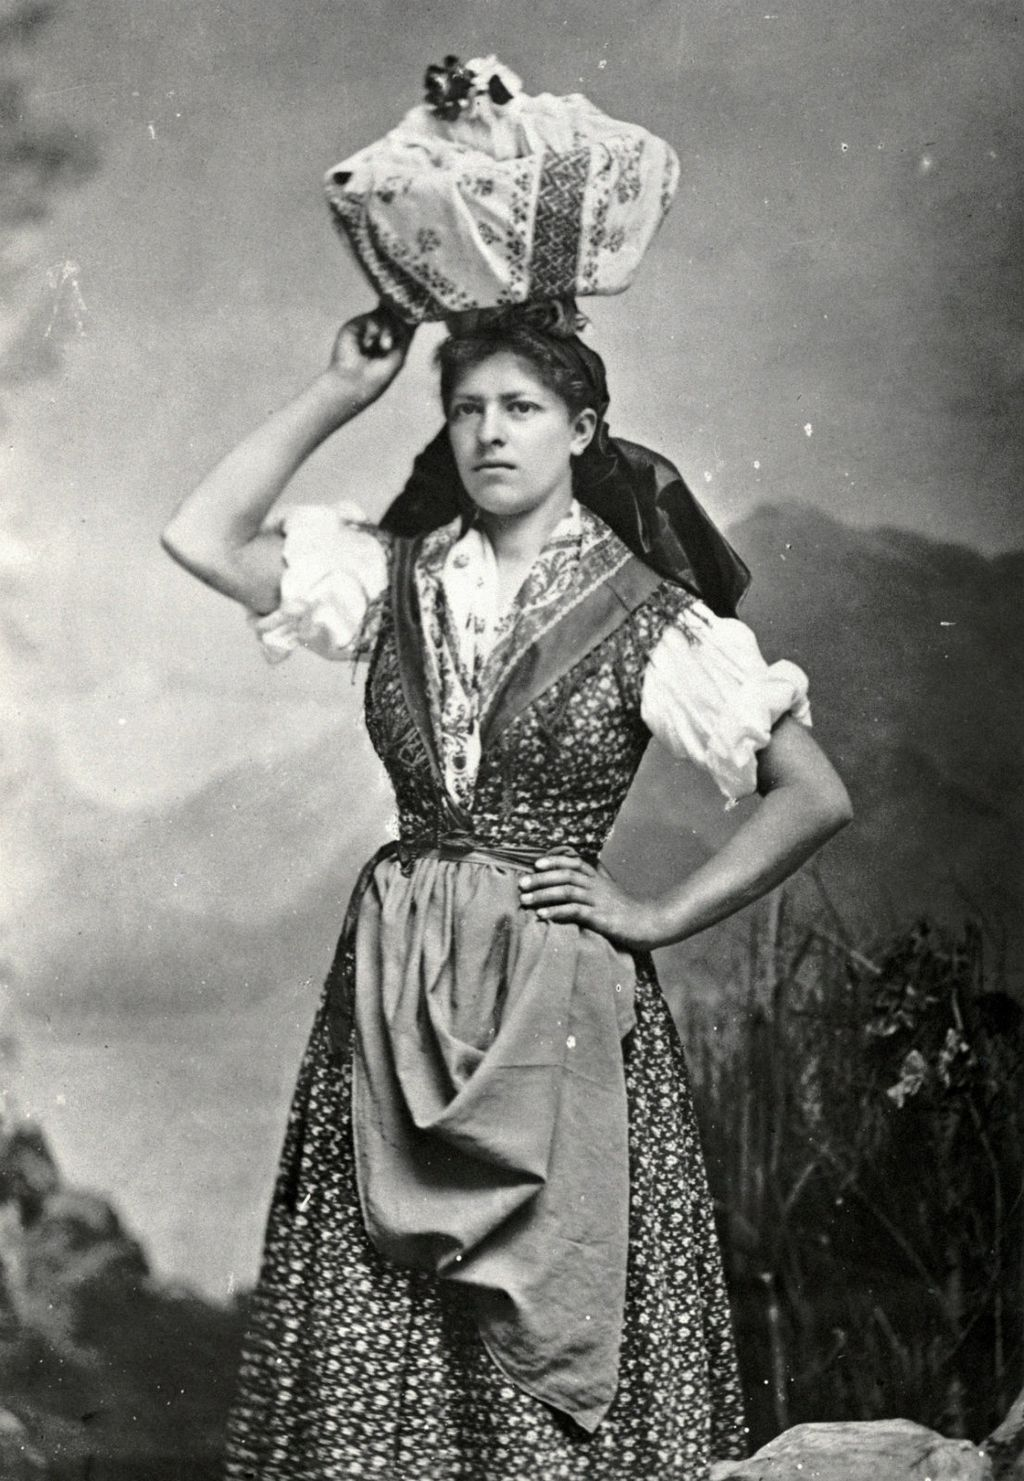 Fotografija mljekarice iz druge polovice 19. stoljeća